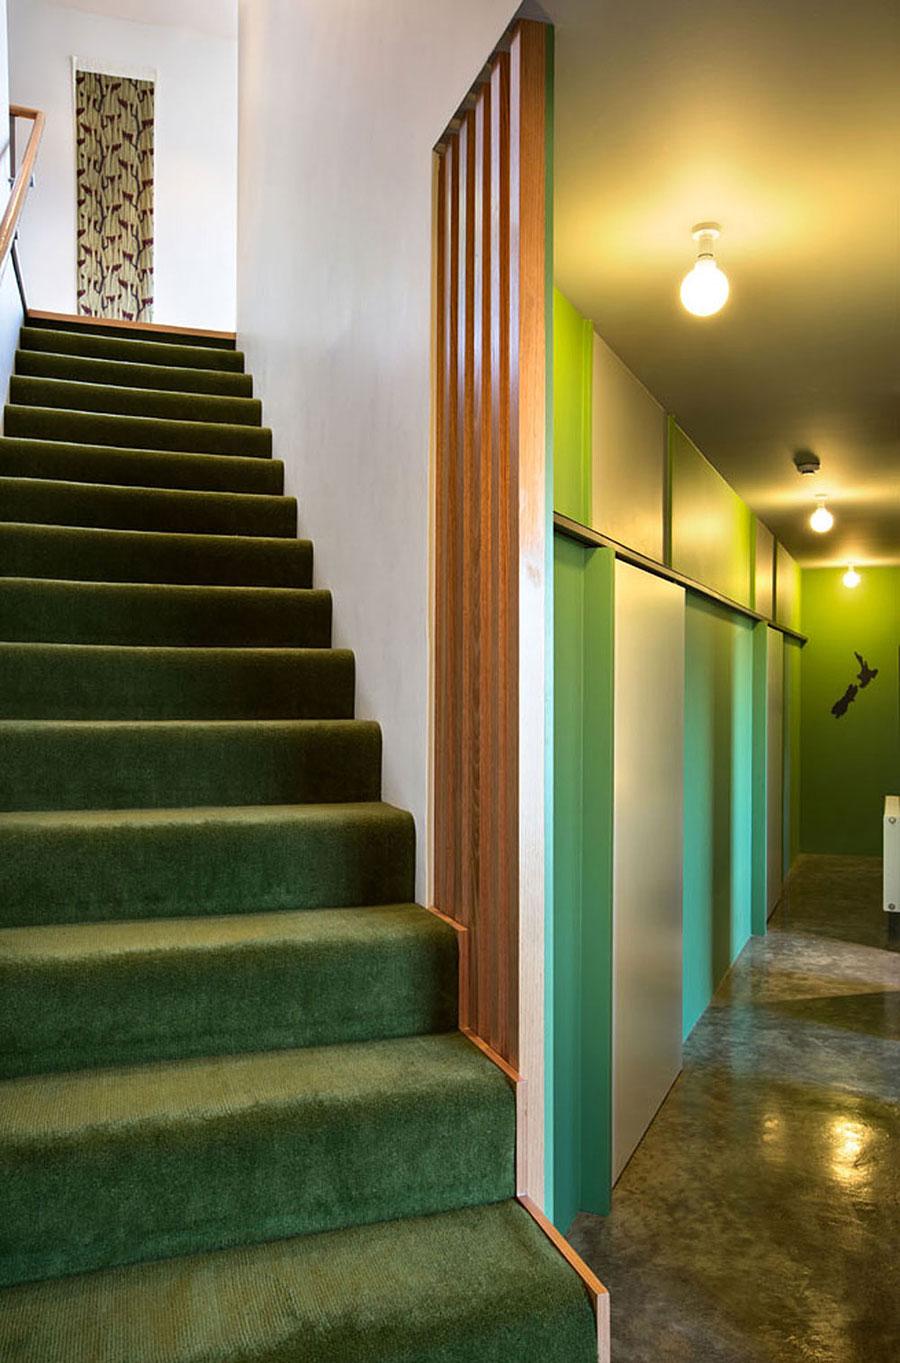 7 hus i Nya Zeeland med modern design och fantastisk utsikt